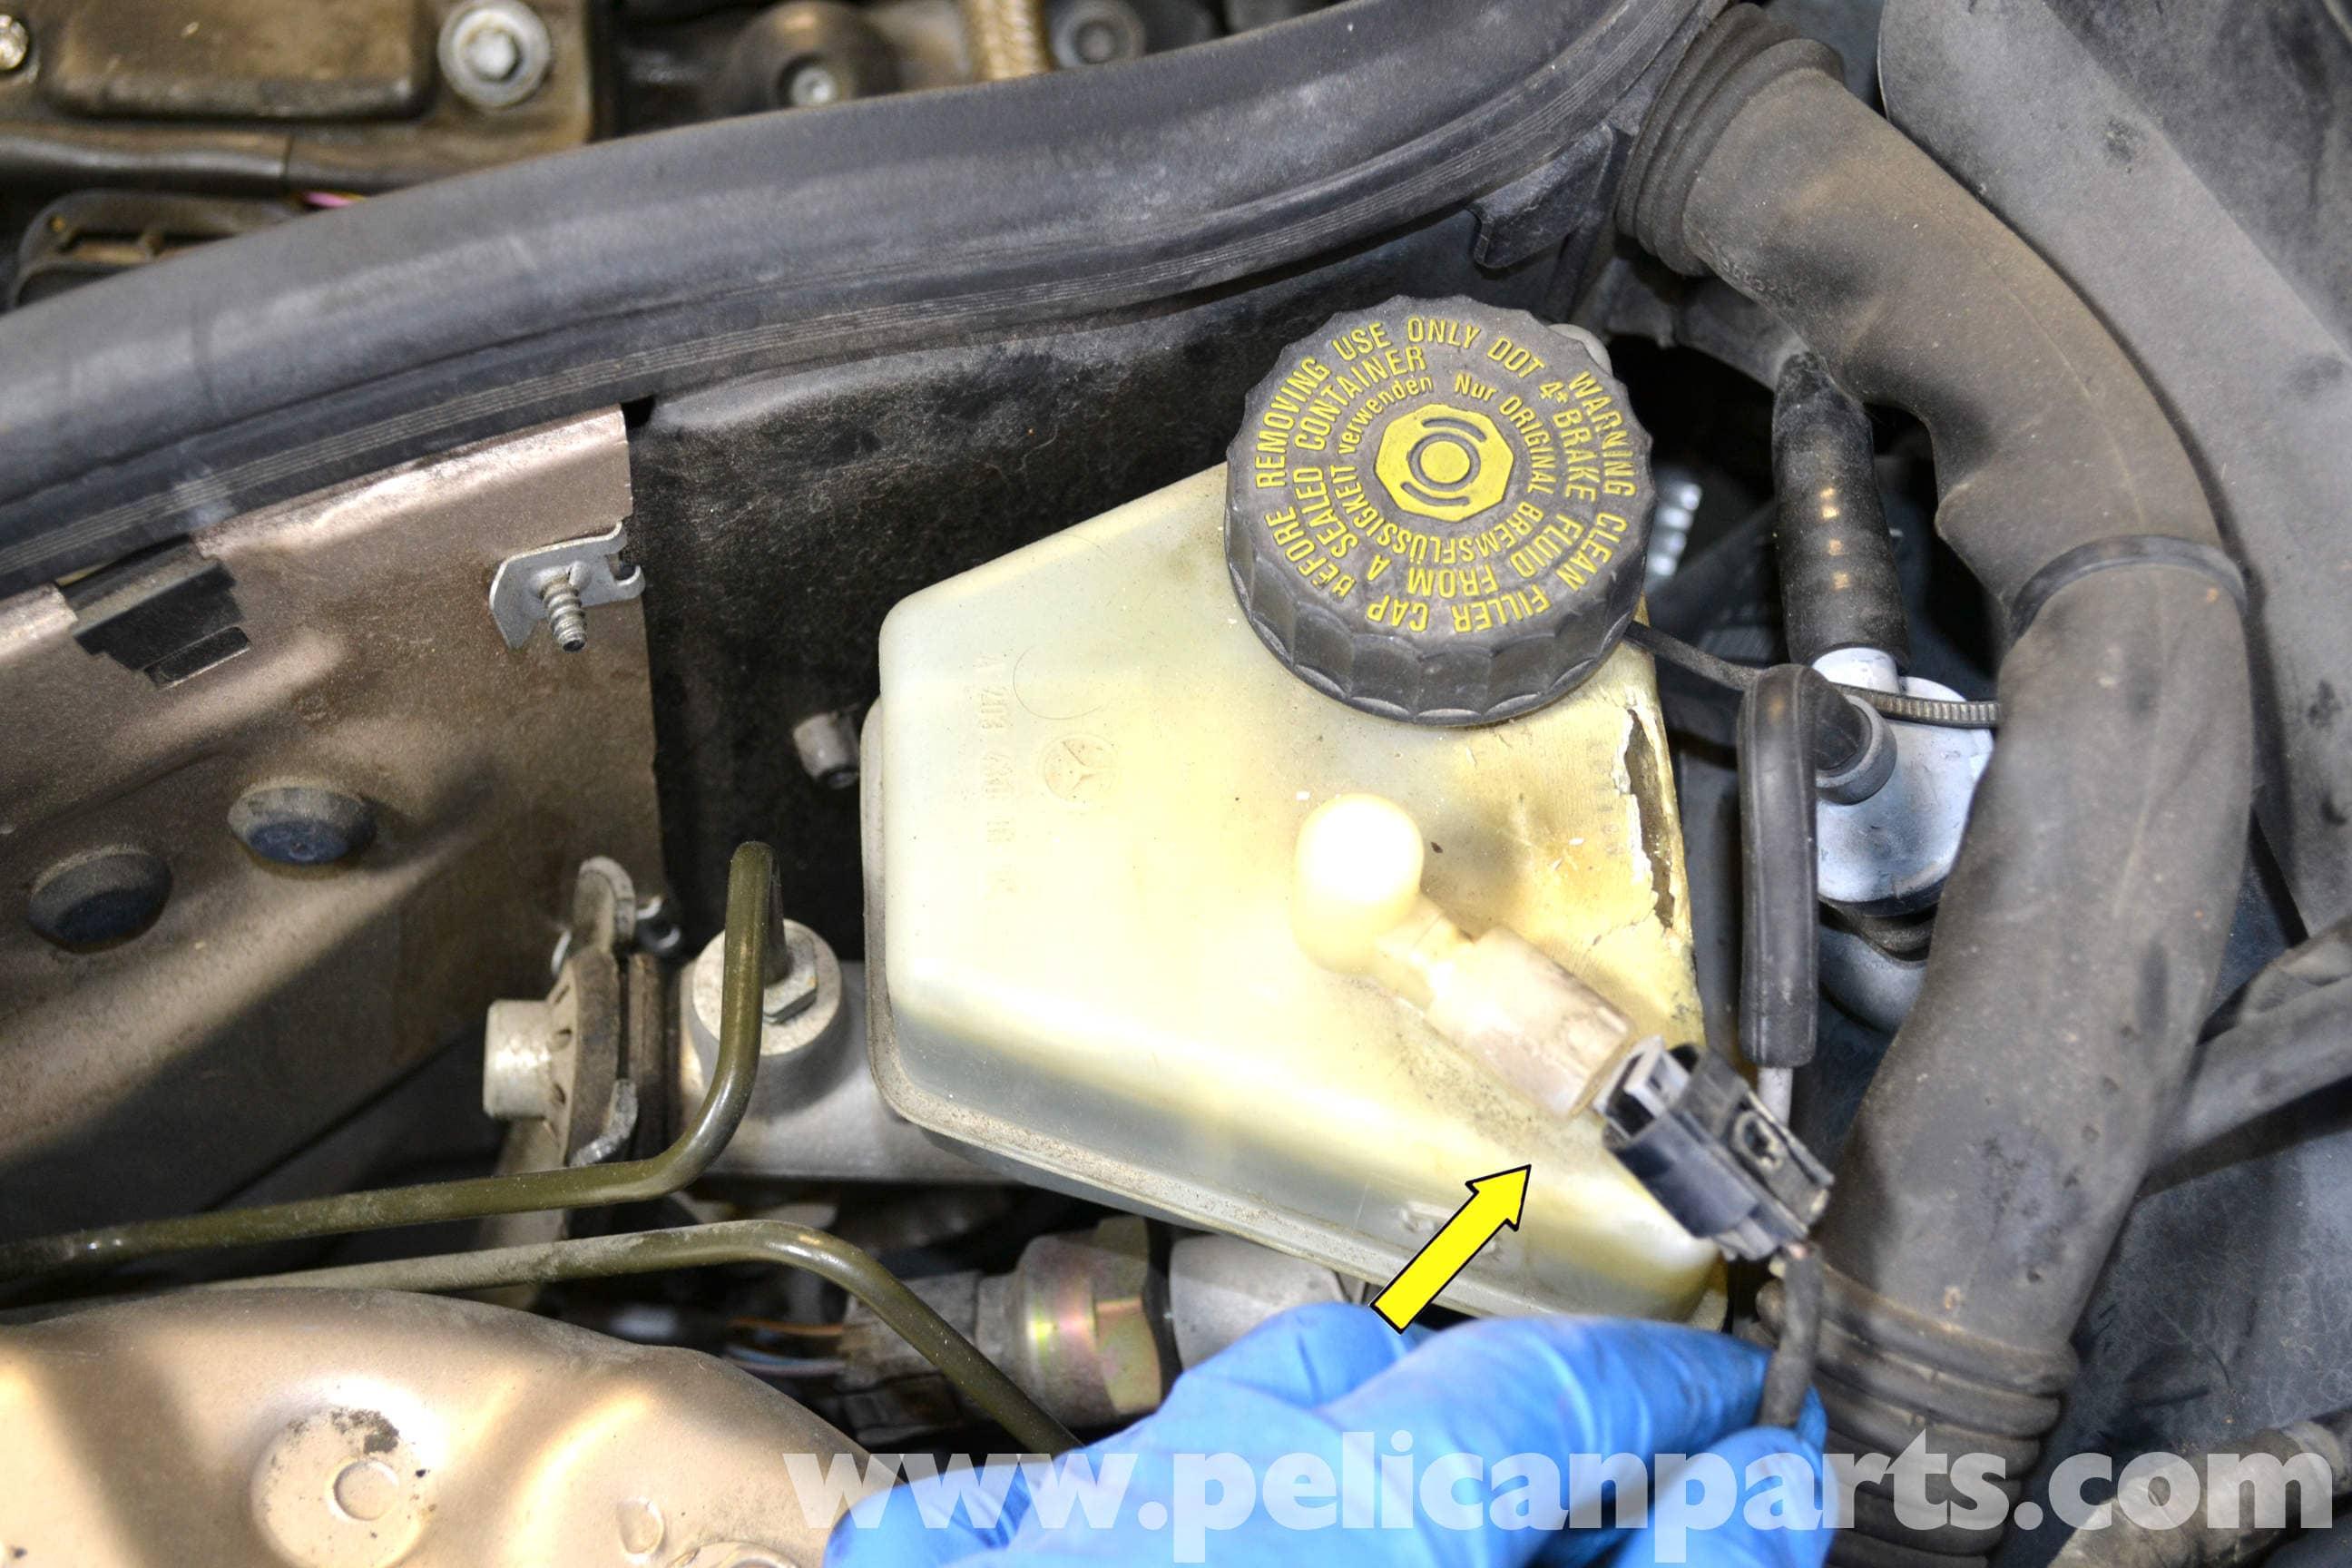 Mercedes benz w203 master cylinder and brake fluid for Mercedes benz installing parking sensors aftermarket